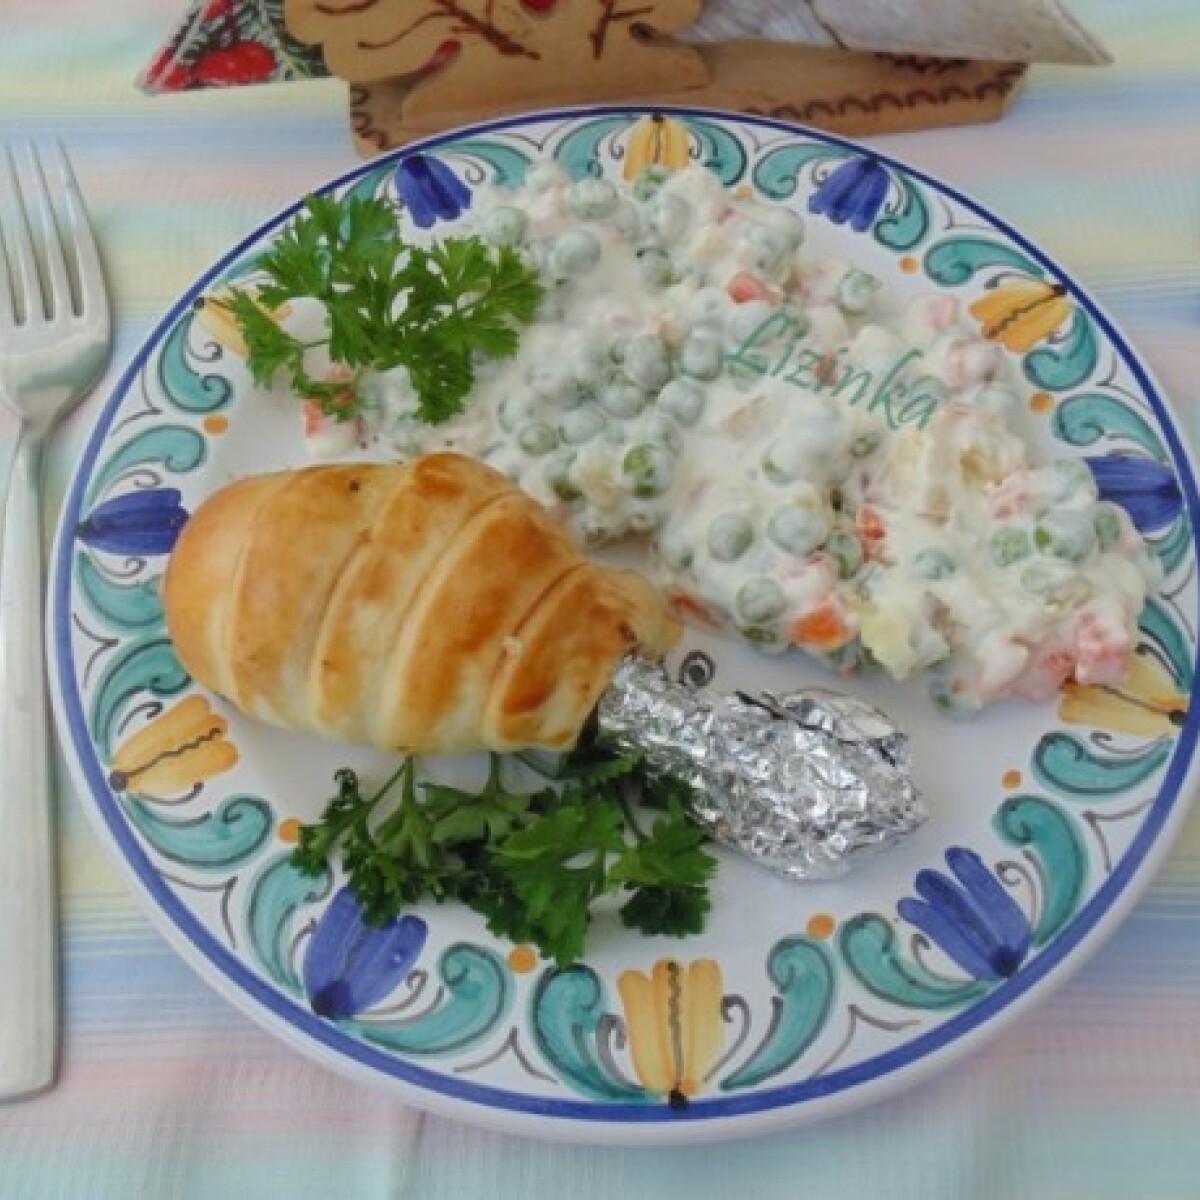 Ezen a képen: Provence-i csirkecomb tésztakéregben